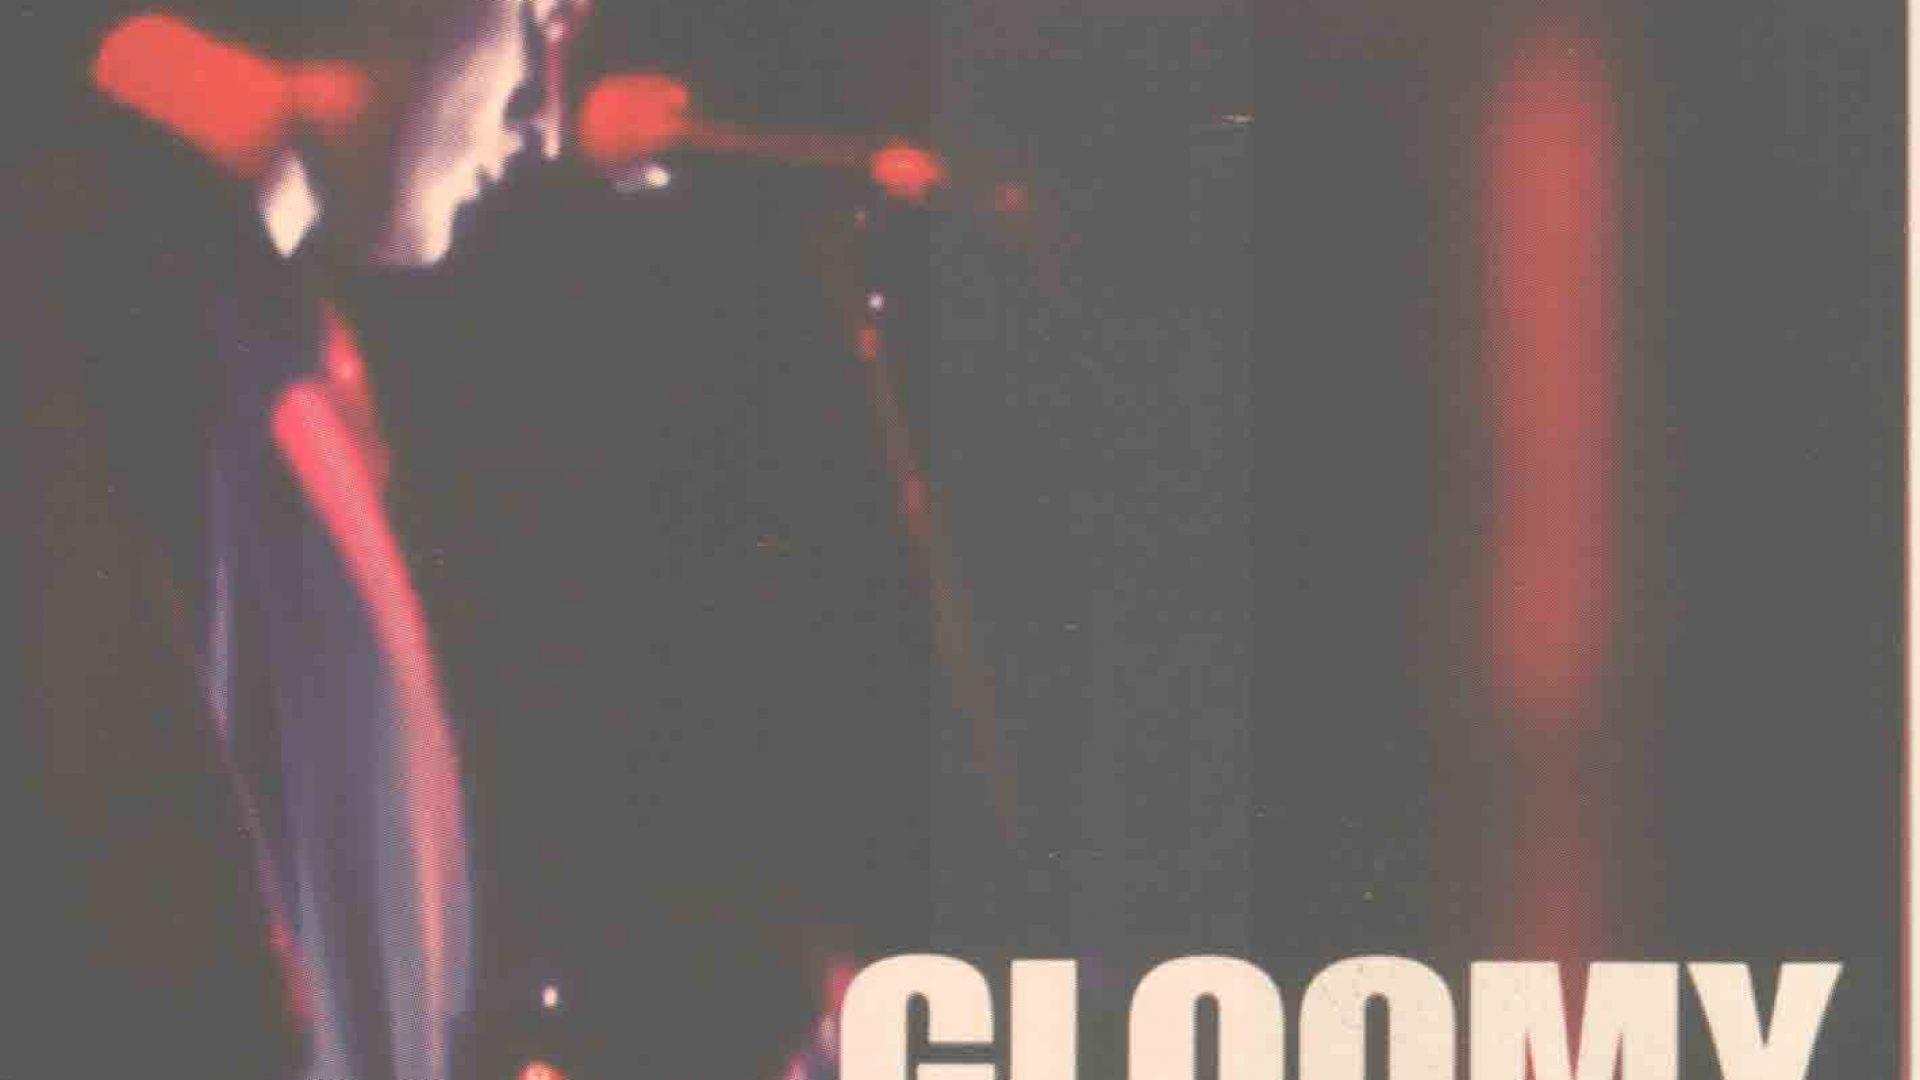 (2004.) Gloomy One